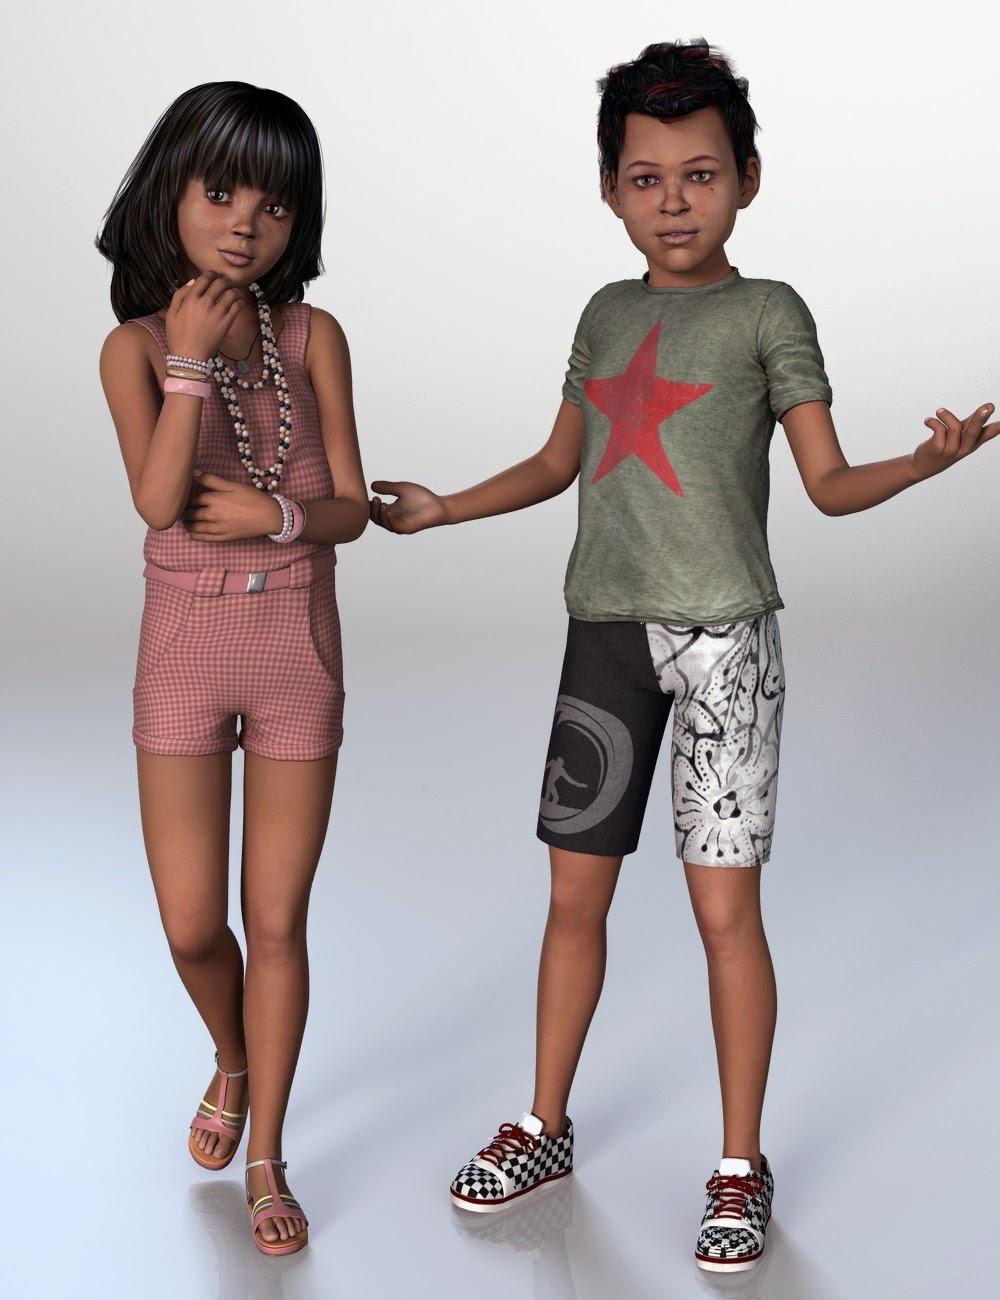 Mark for The Kids 4 | DAZ Studio Kids 4 | Asian, Female